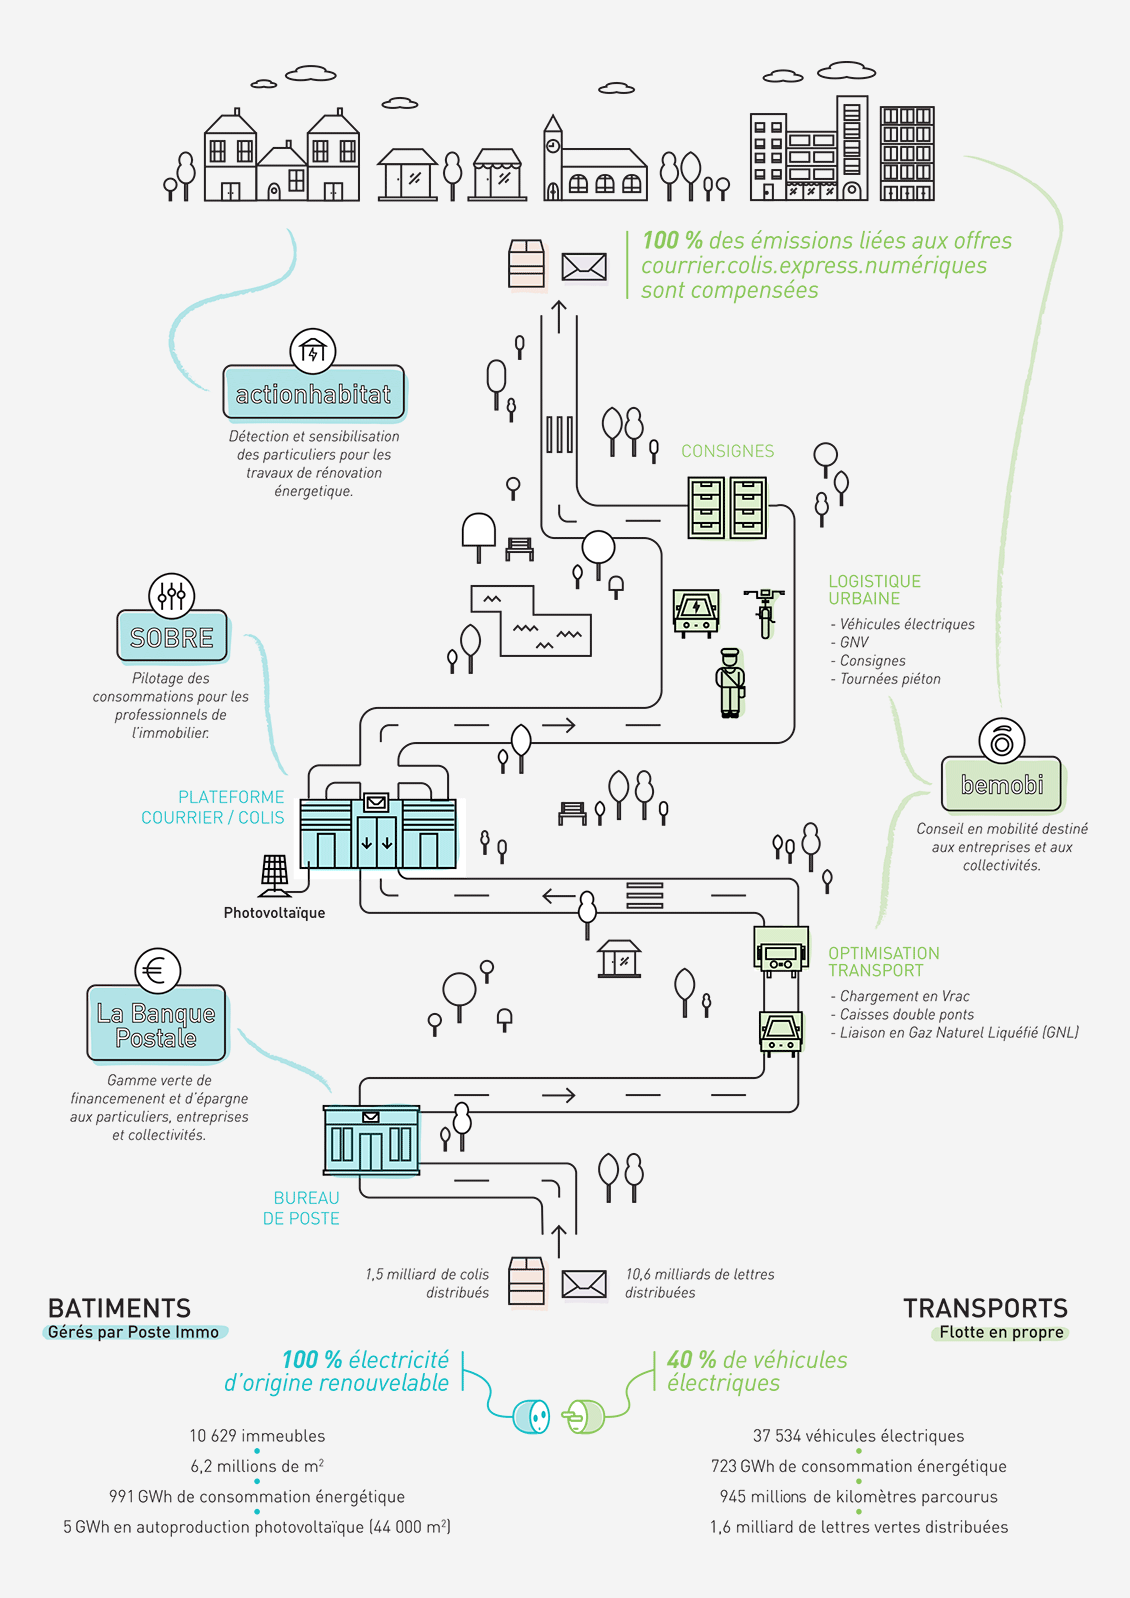 Schéma avec l'ensemble des entités du Groupe La Poste dont l'activité s'inscrit dans nos engagements sociétaux : Action Habitat, Sobre, Bemobi et La Banque Postale avec sa Gamme verte.